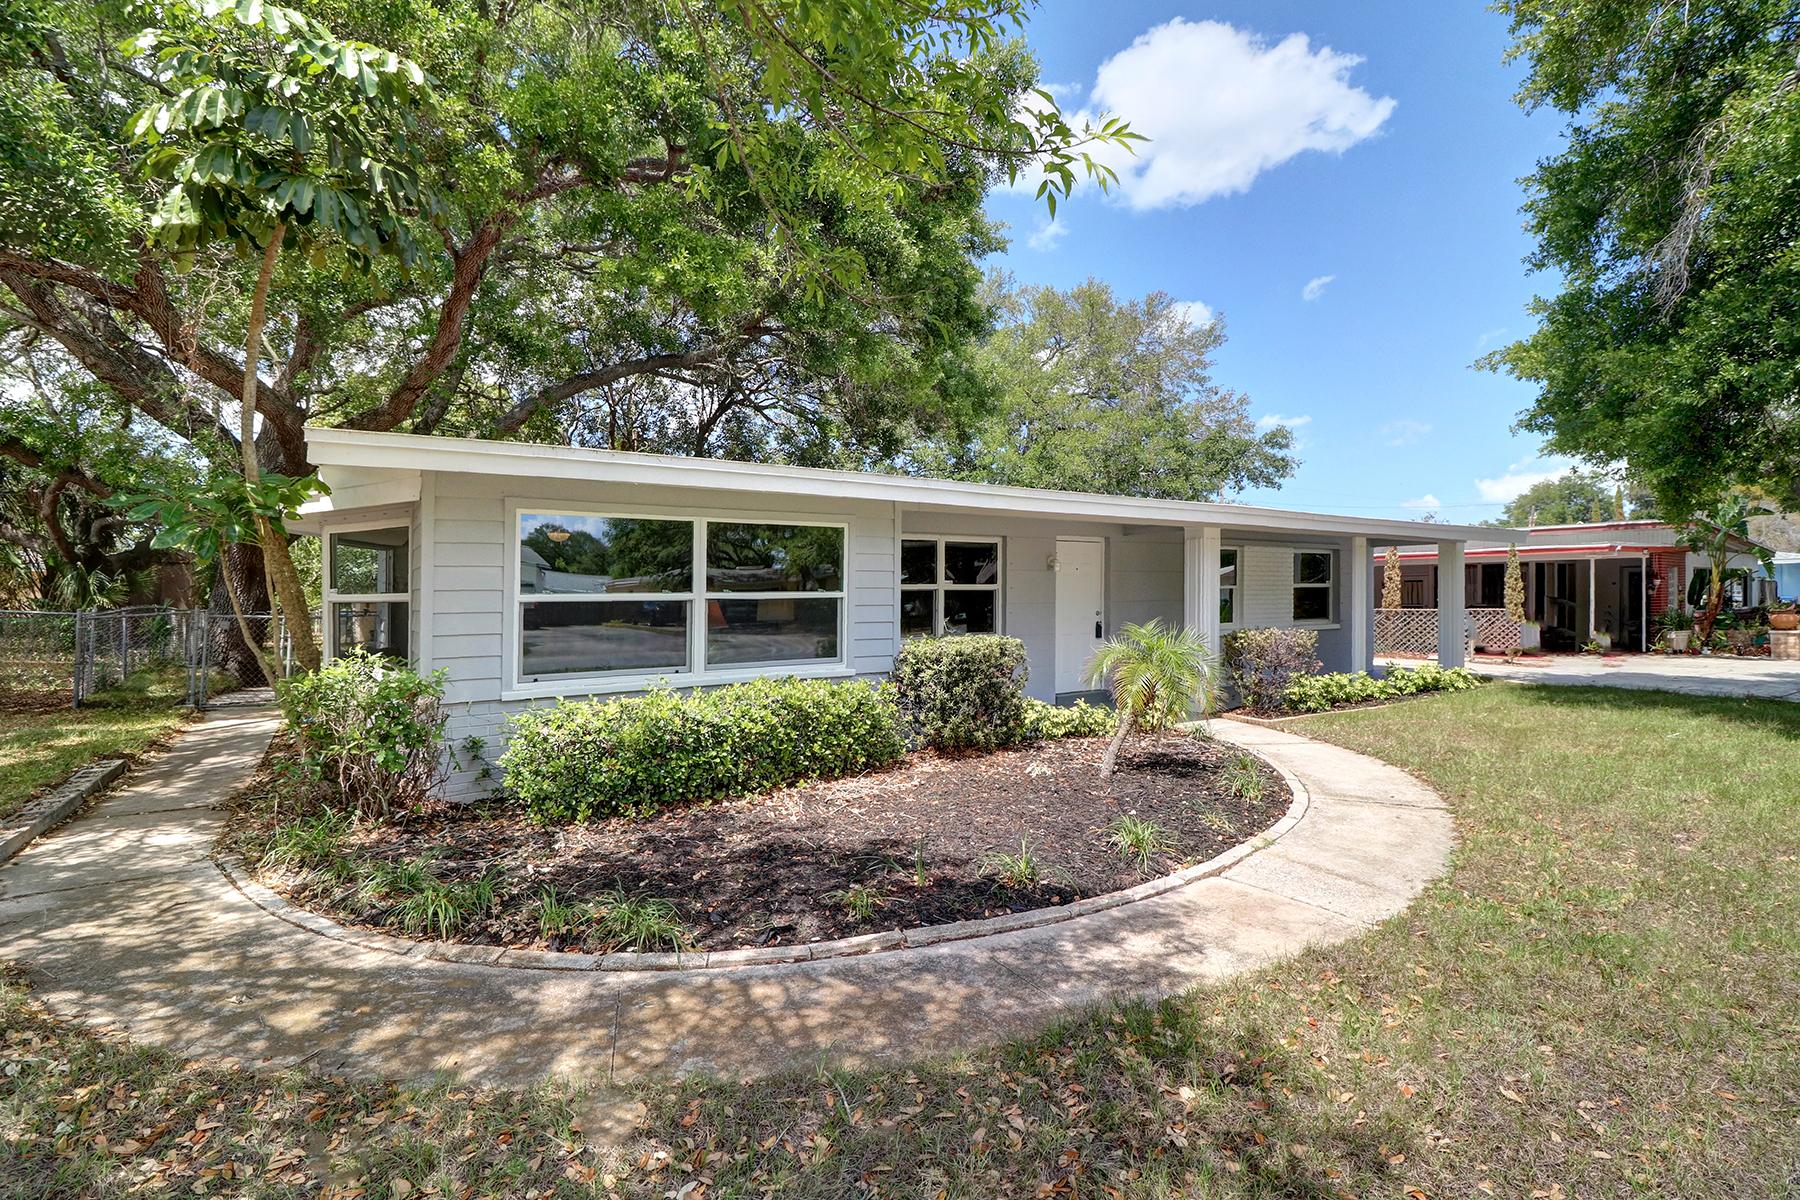 Casa para uma família para Venda às LARGO 1132 Nolan Dr Largo, Florida, 33770 Estados Unidos